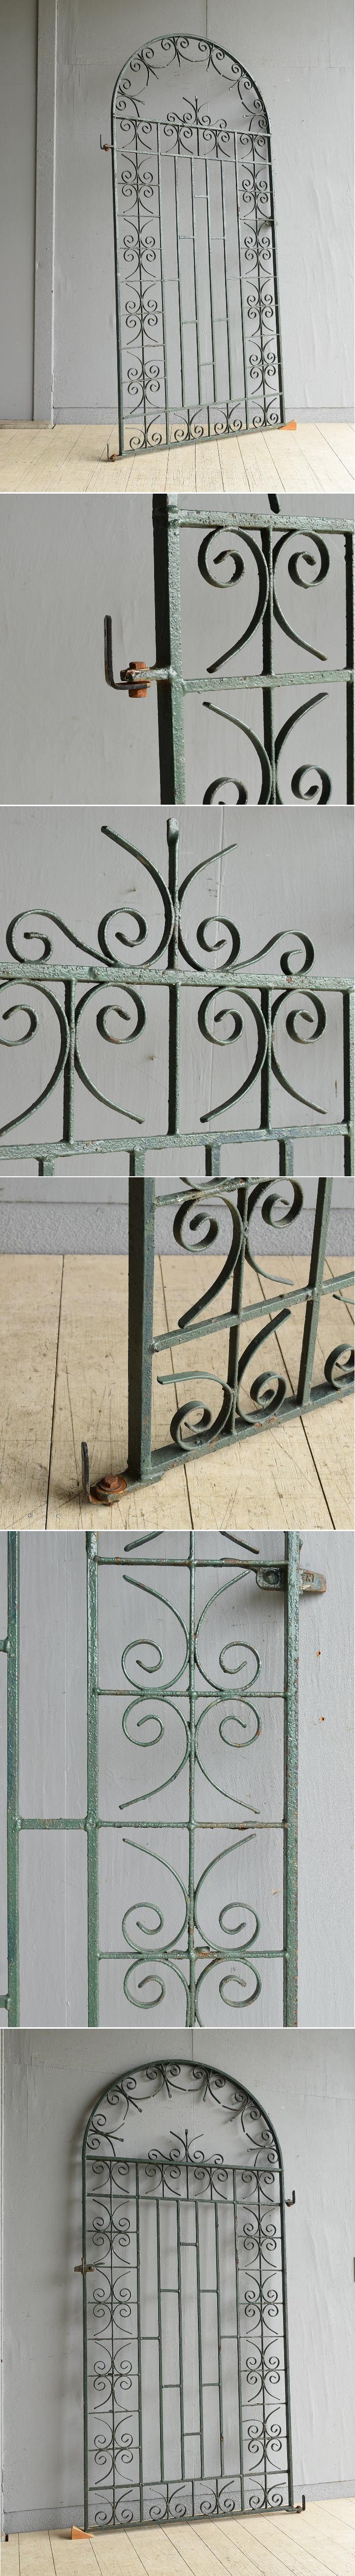 イギリス アンティーク アイアンフェンス ゲート柵 ガーデニング 7988